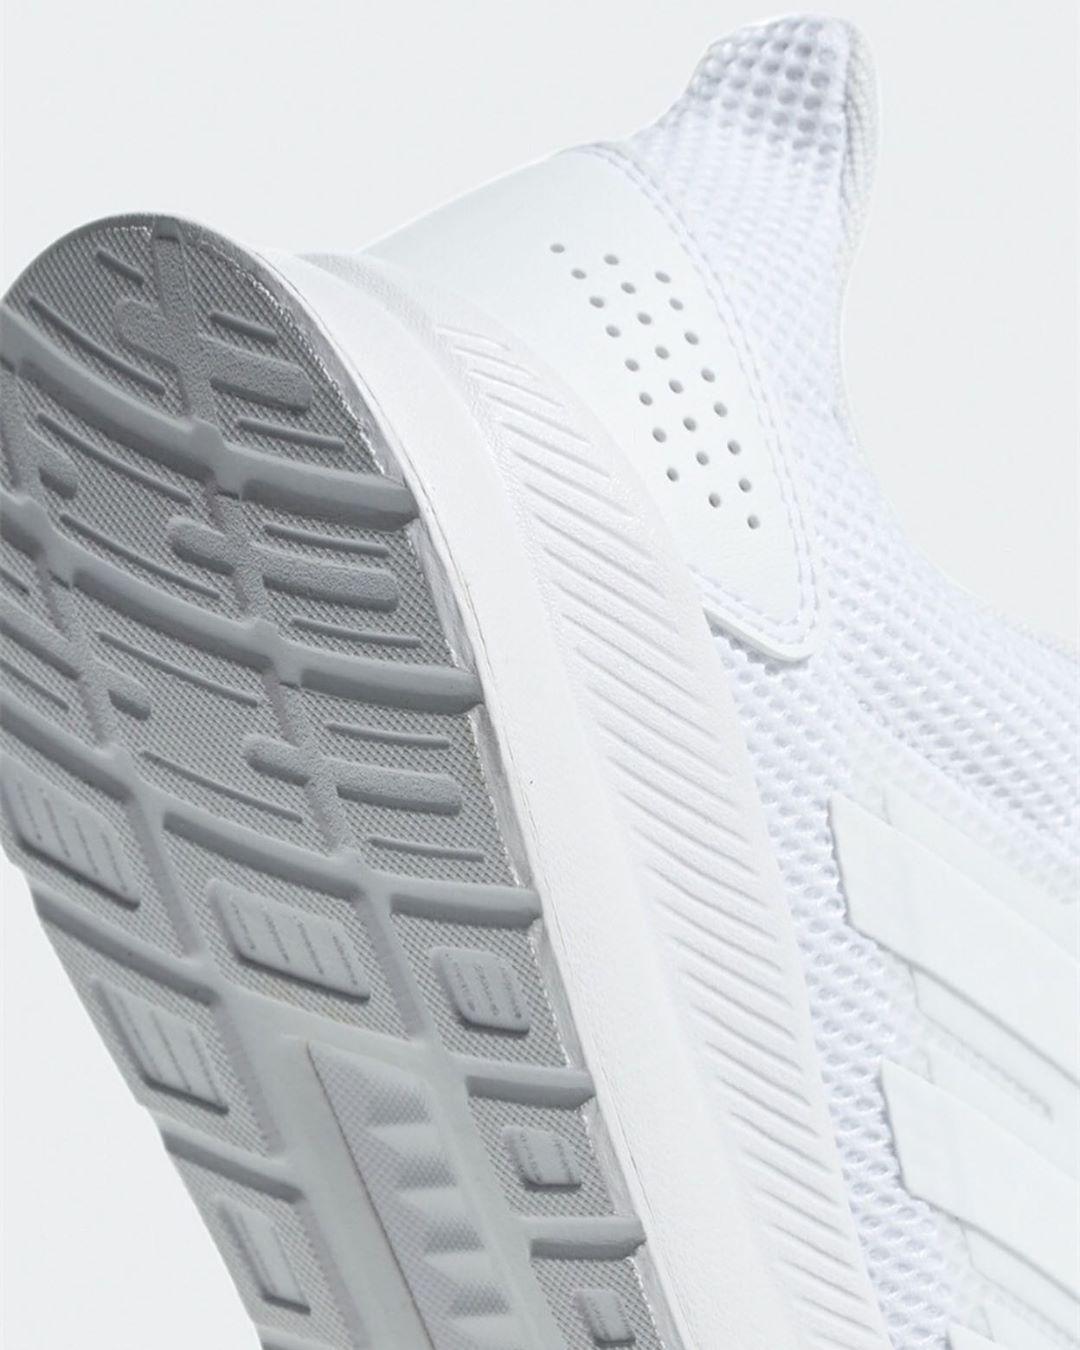 Adidas Kadin Kosu Ayakkabisi 359 00 Yerine 251 00 Urun Kodu 5002527860 100 Urune Boyner In Sitesi Uzerinden Erisebilirsi In 2020 Adidas Sneakers Sneakers Adidas